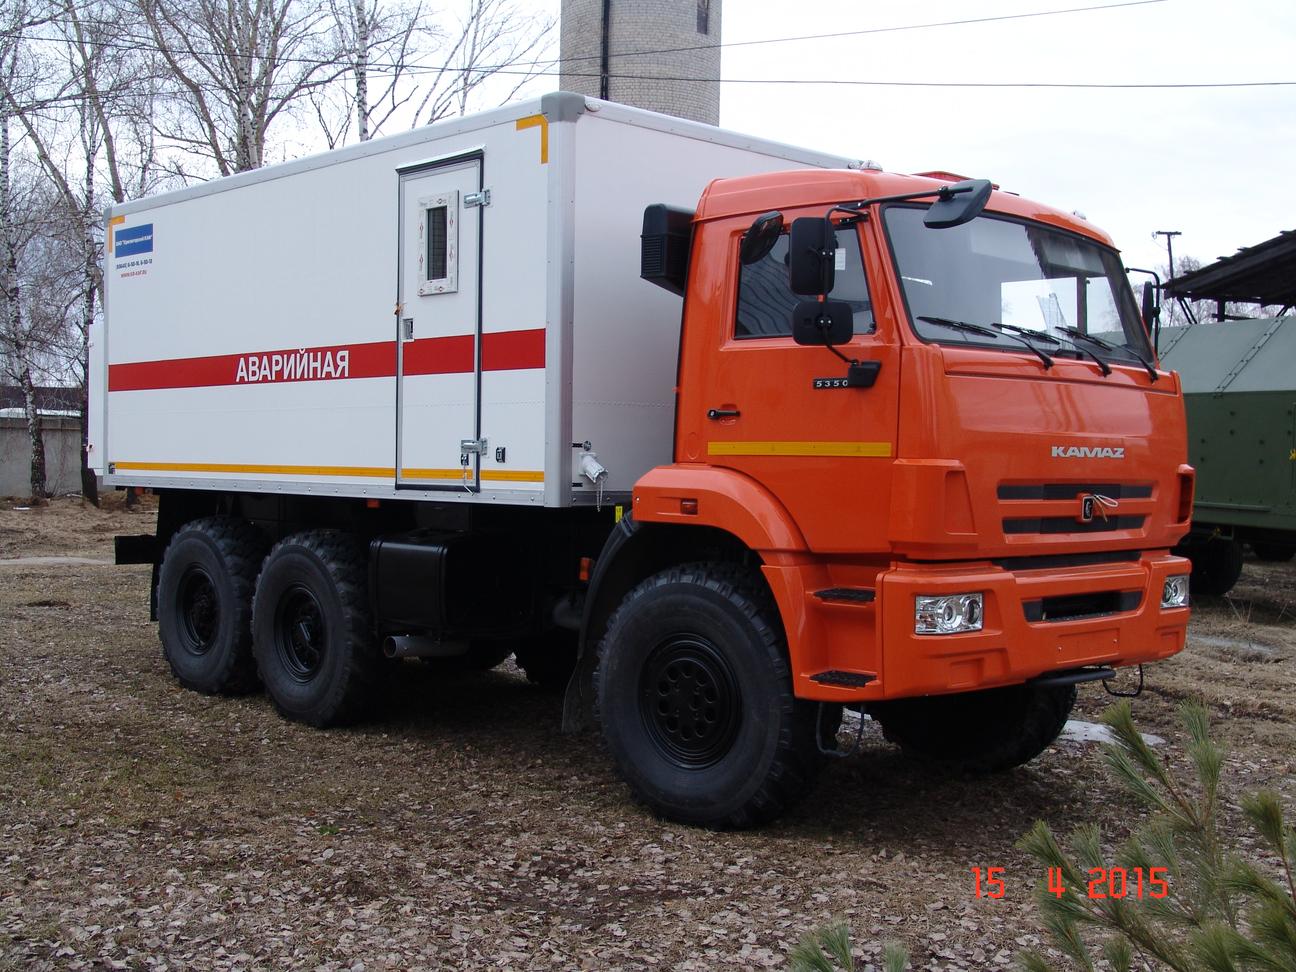 Передвижная аварийная мастерская на шасси КАМАЗ – 5350 – фото 1